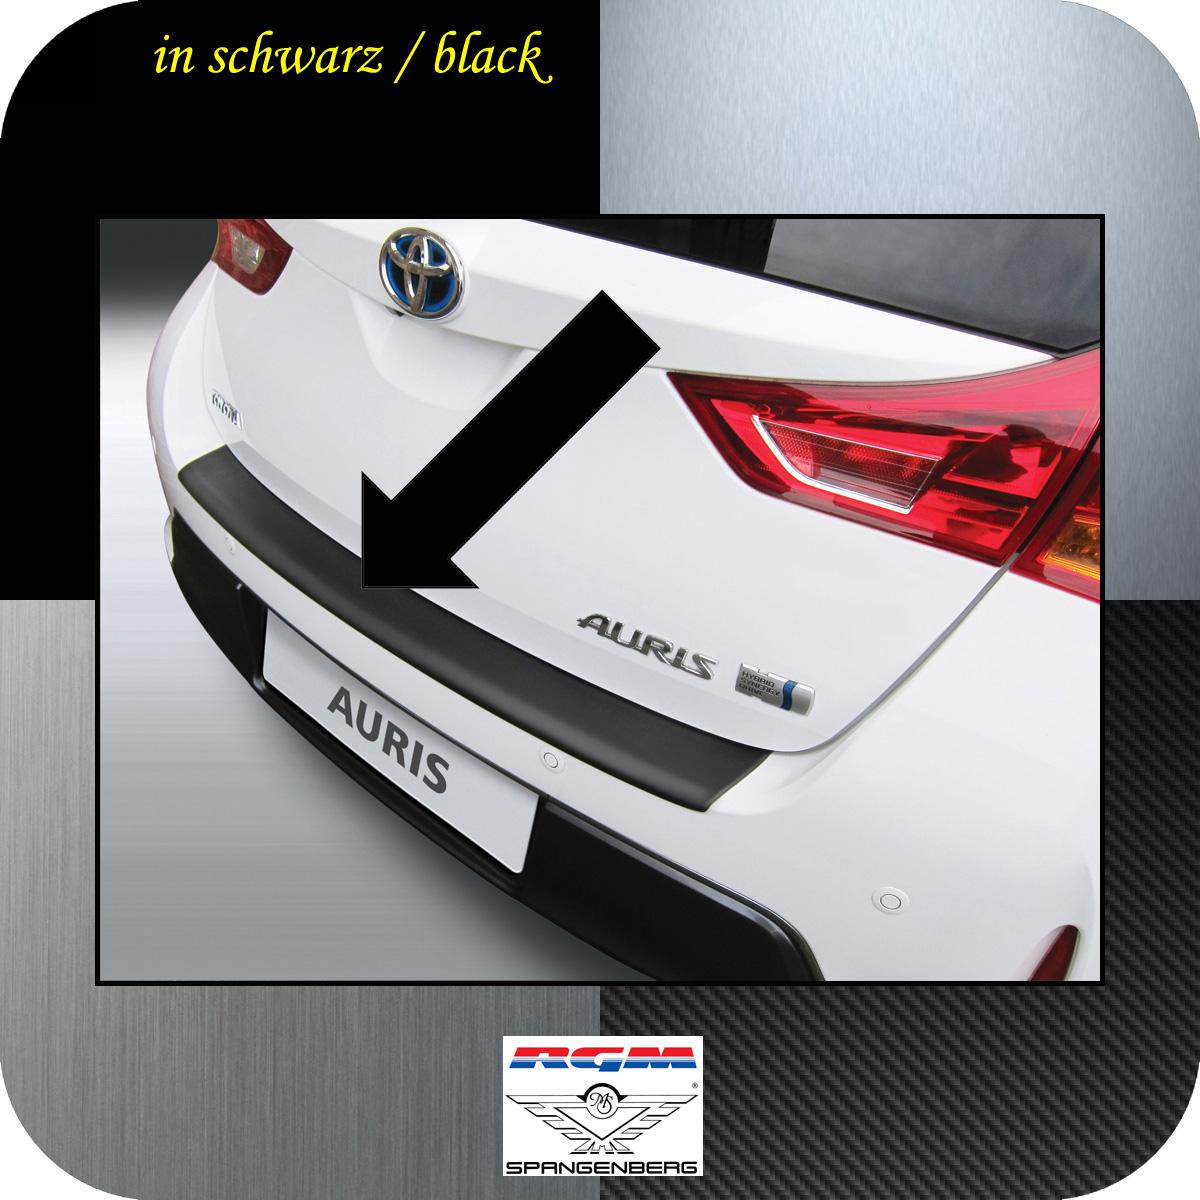 Ladekantenschutz schwarz Toyota Auris II Schrägheck vor Mopf 2012-15 3500620